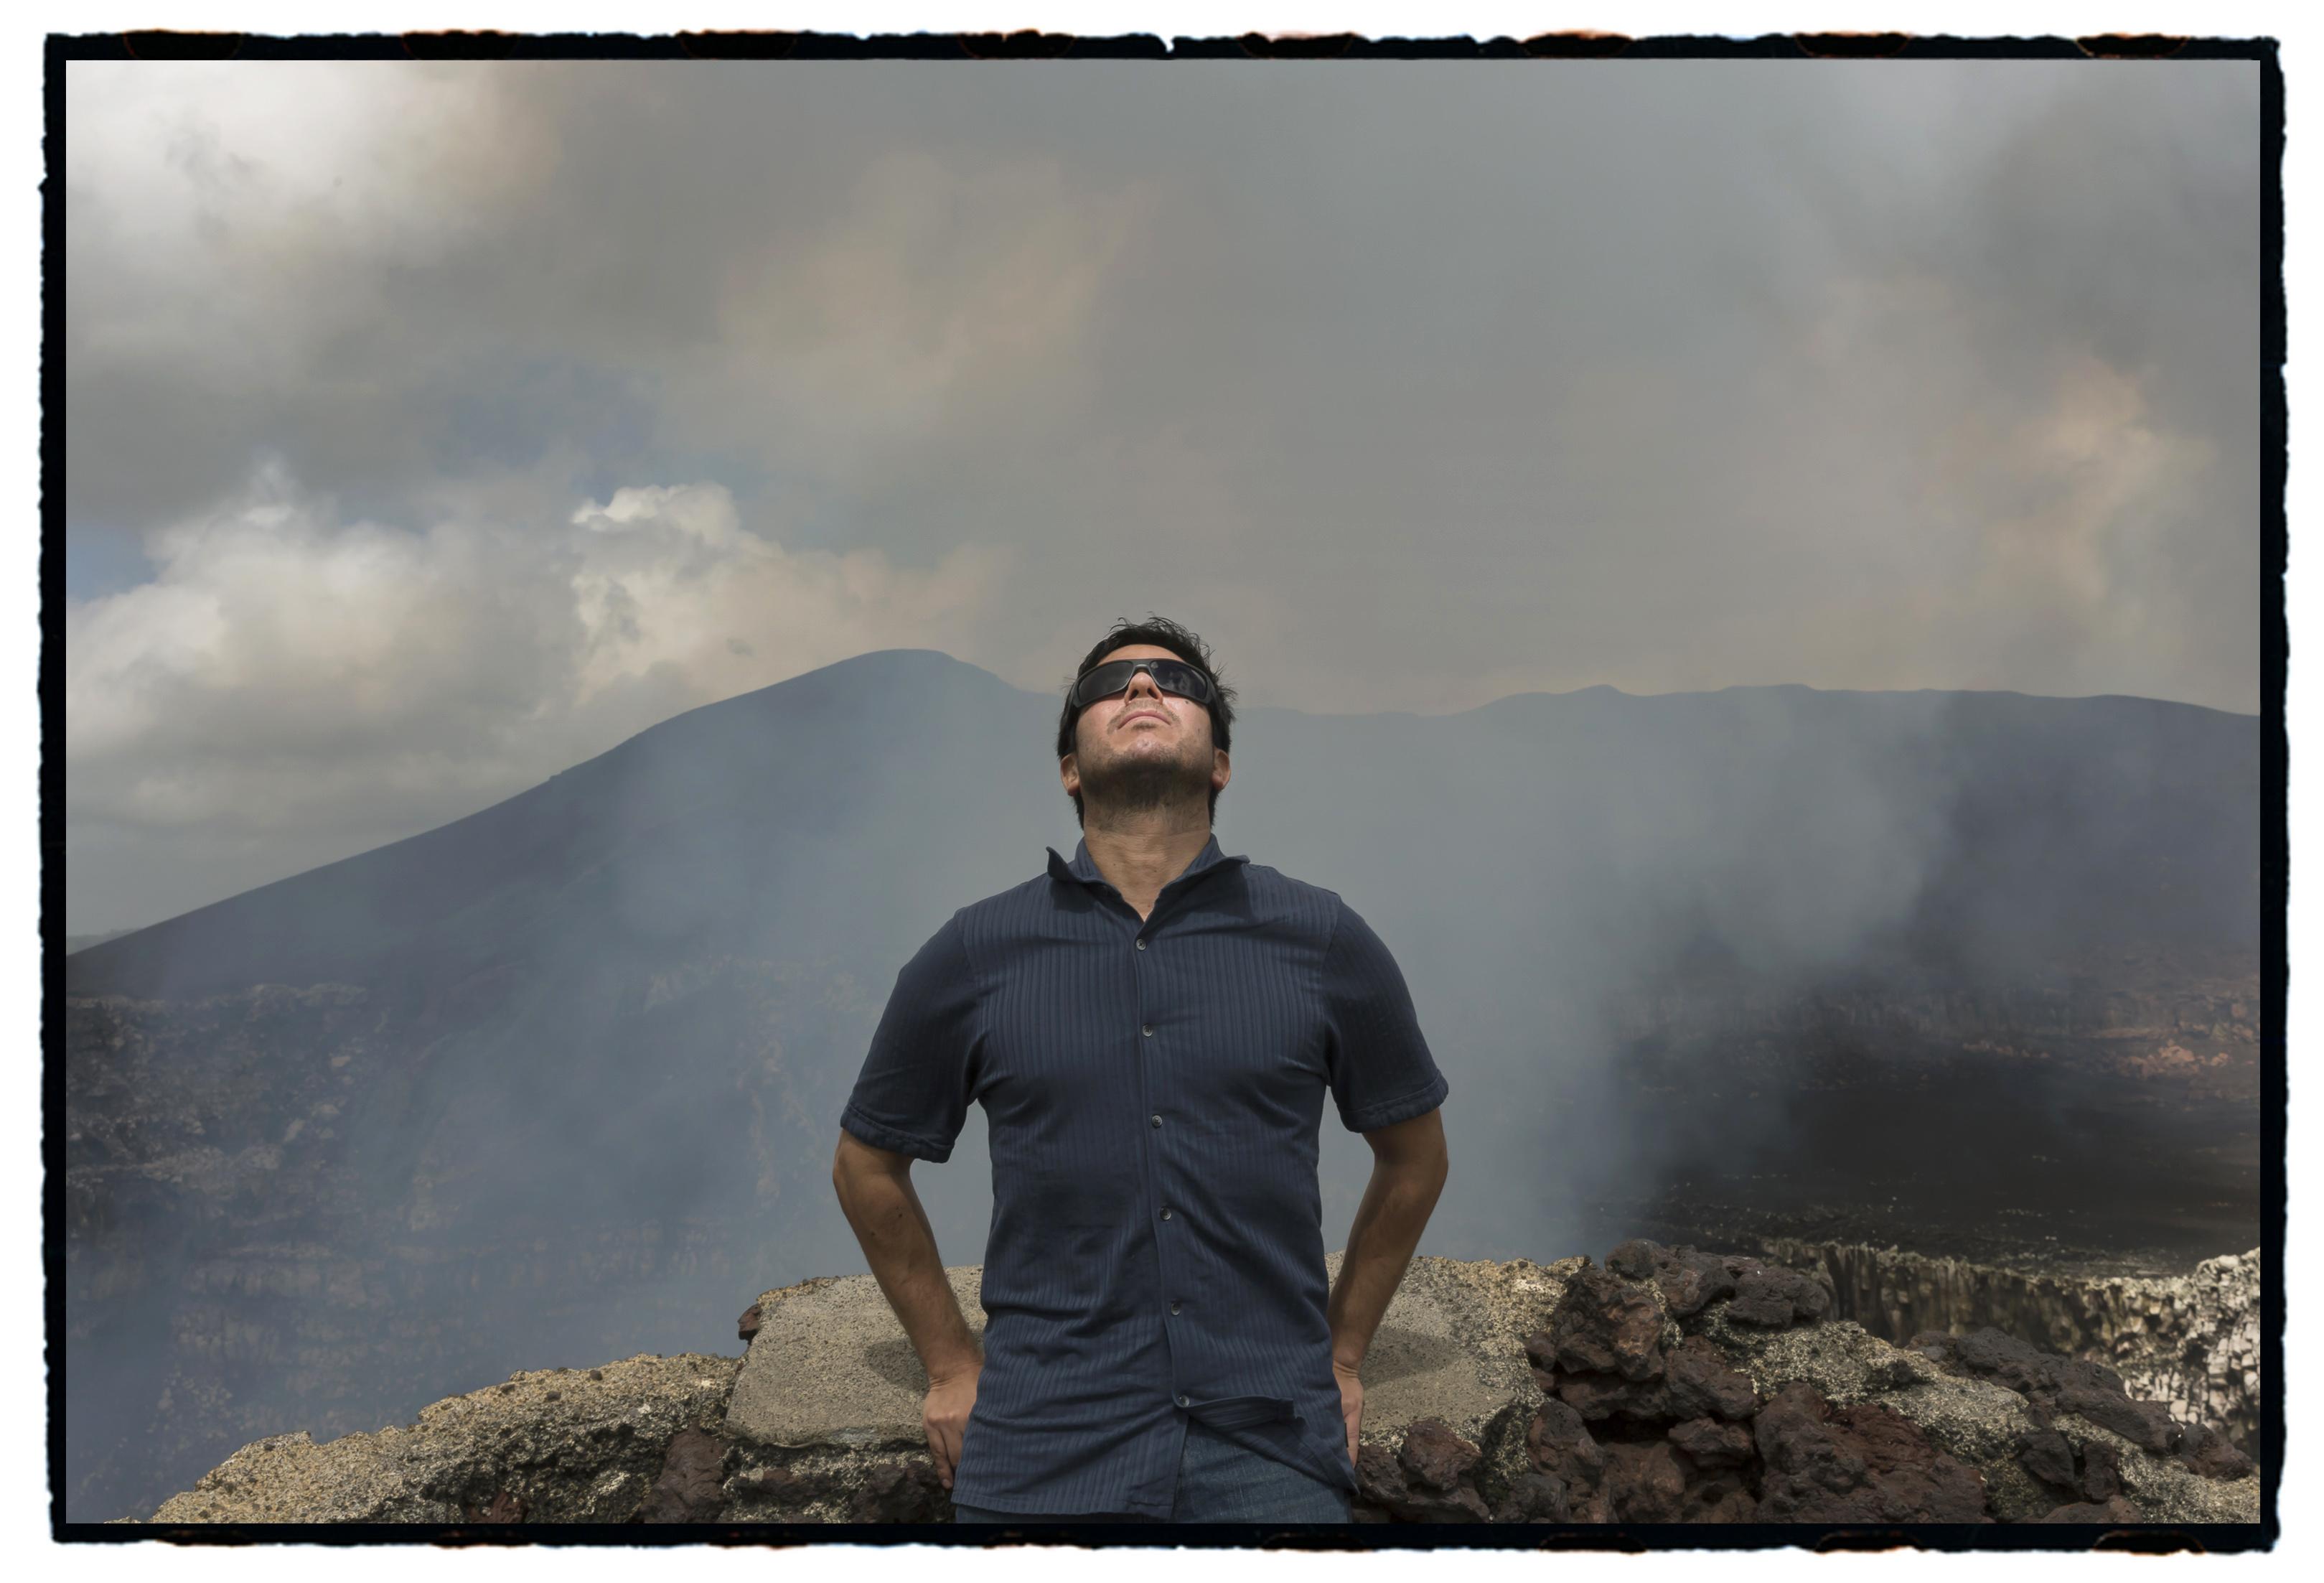 El escritor Renato Cisneros fotografiado por Daniel Mordzinski en el Festival Centroamérica cuenta 2017.